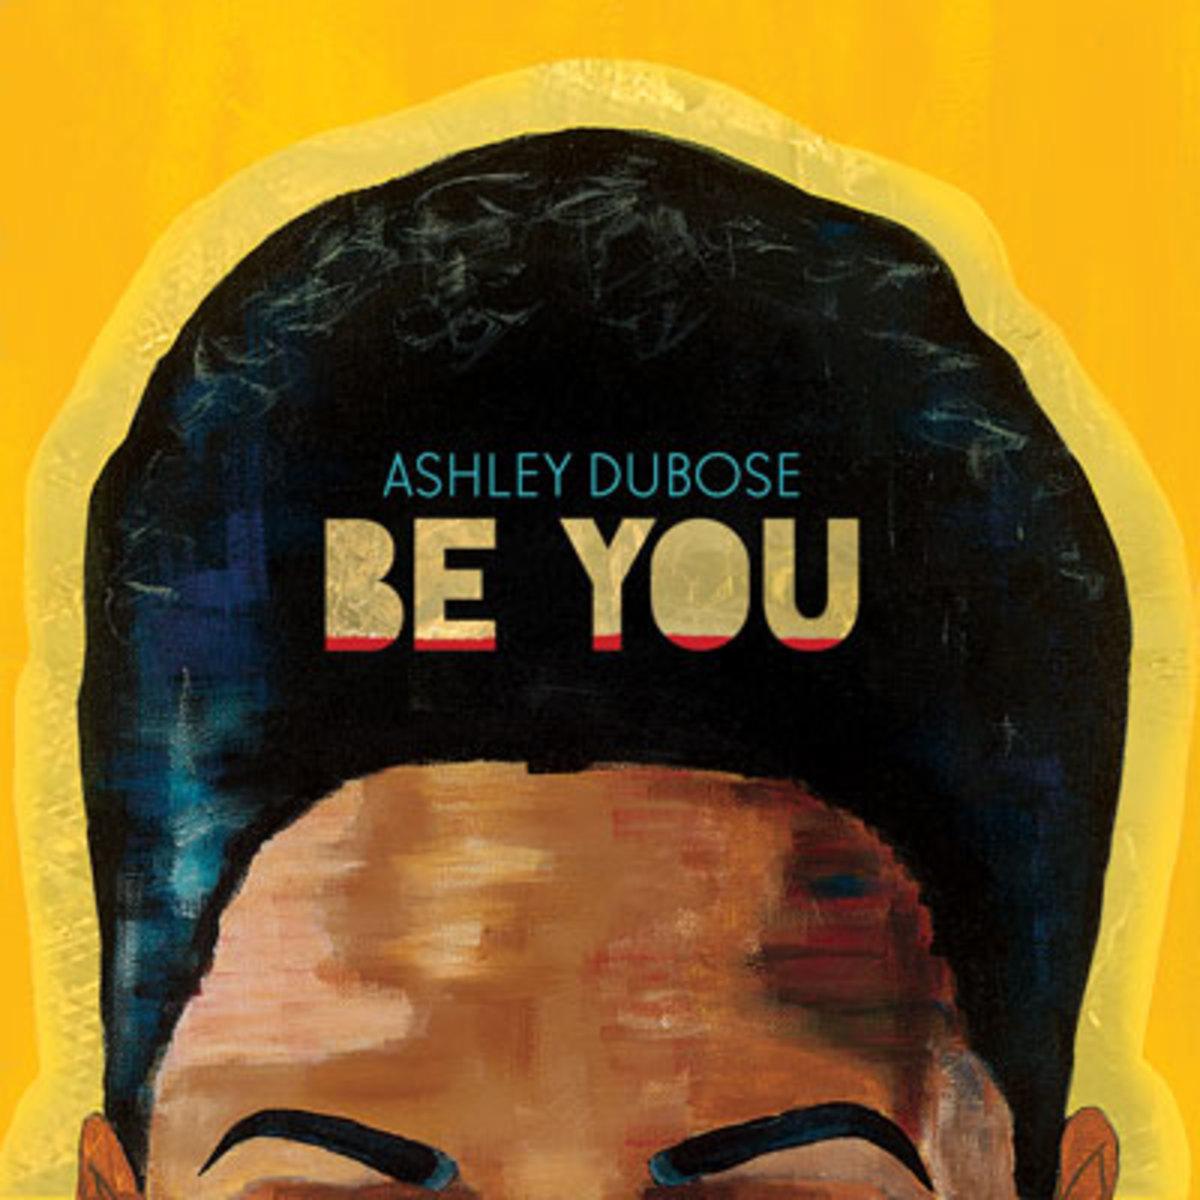 ashley-dubose-be-you.jpg